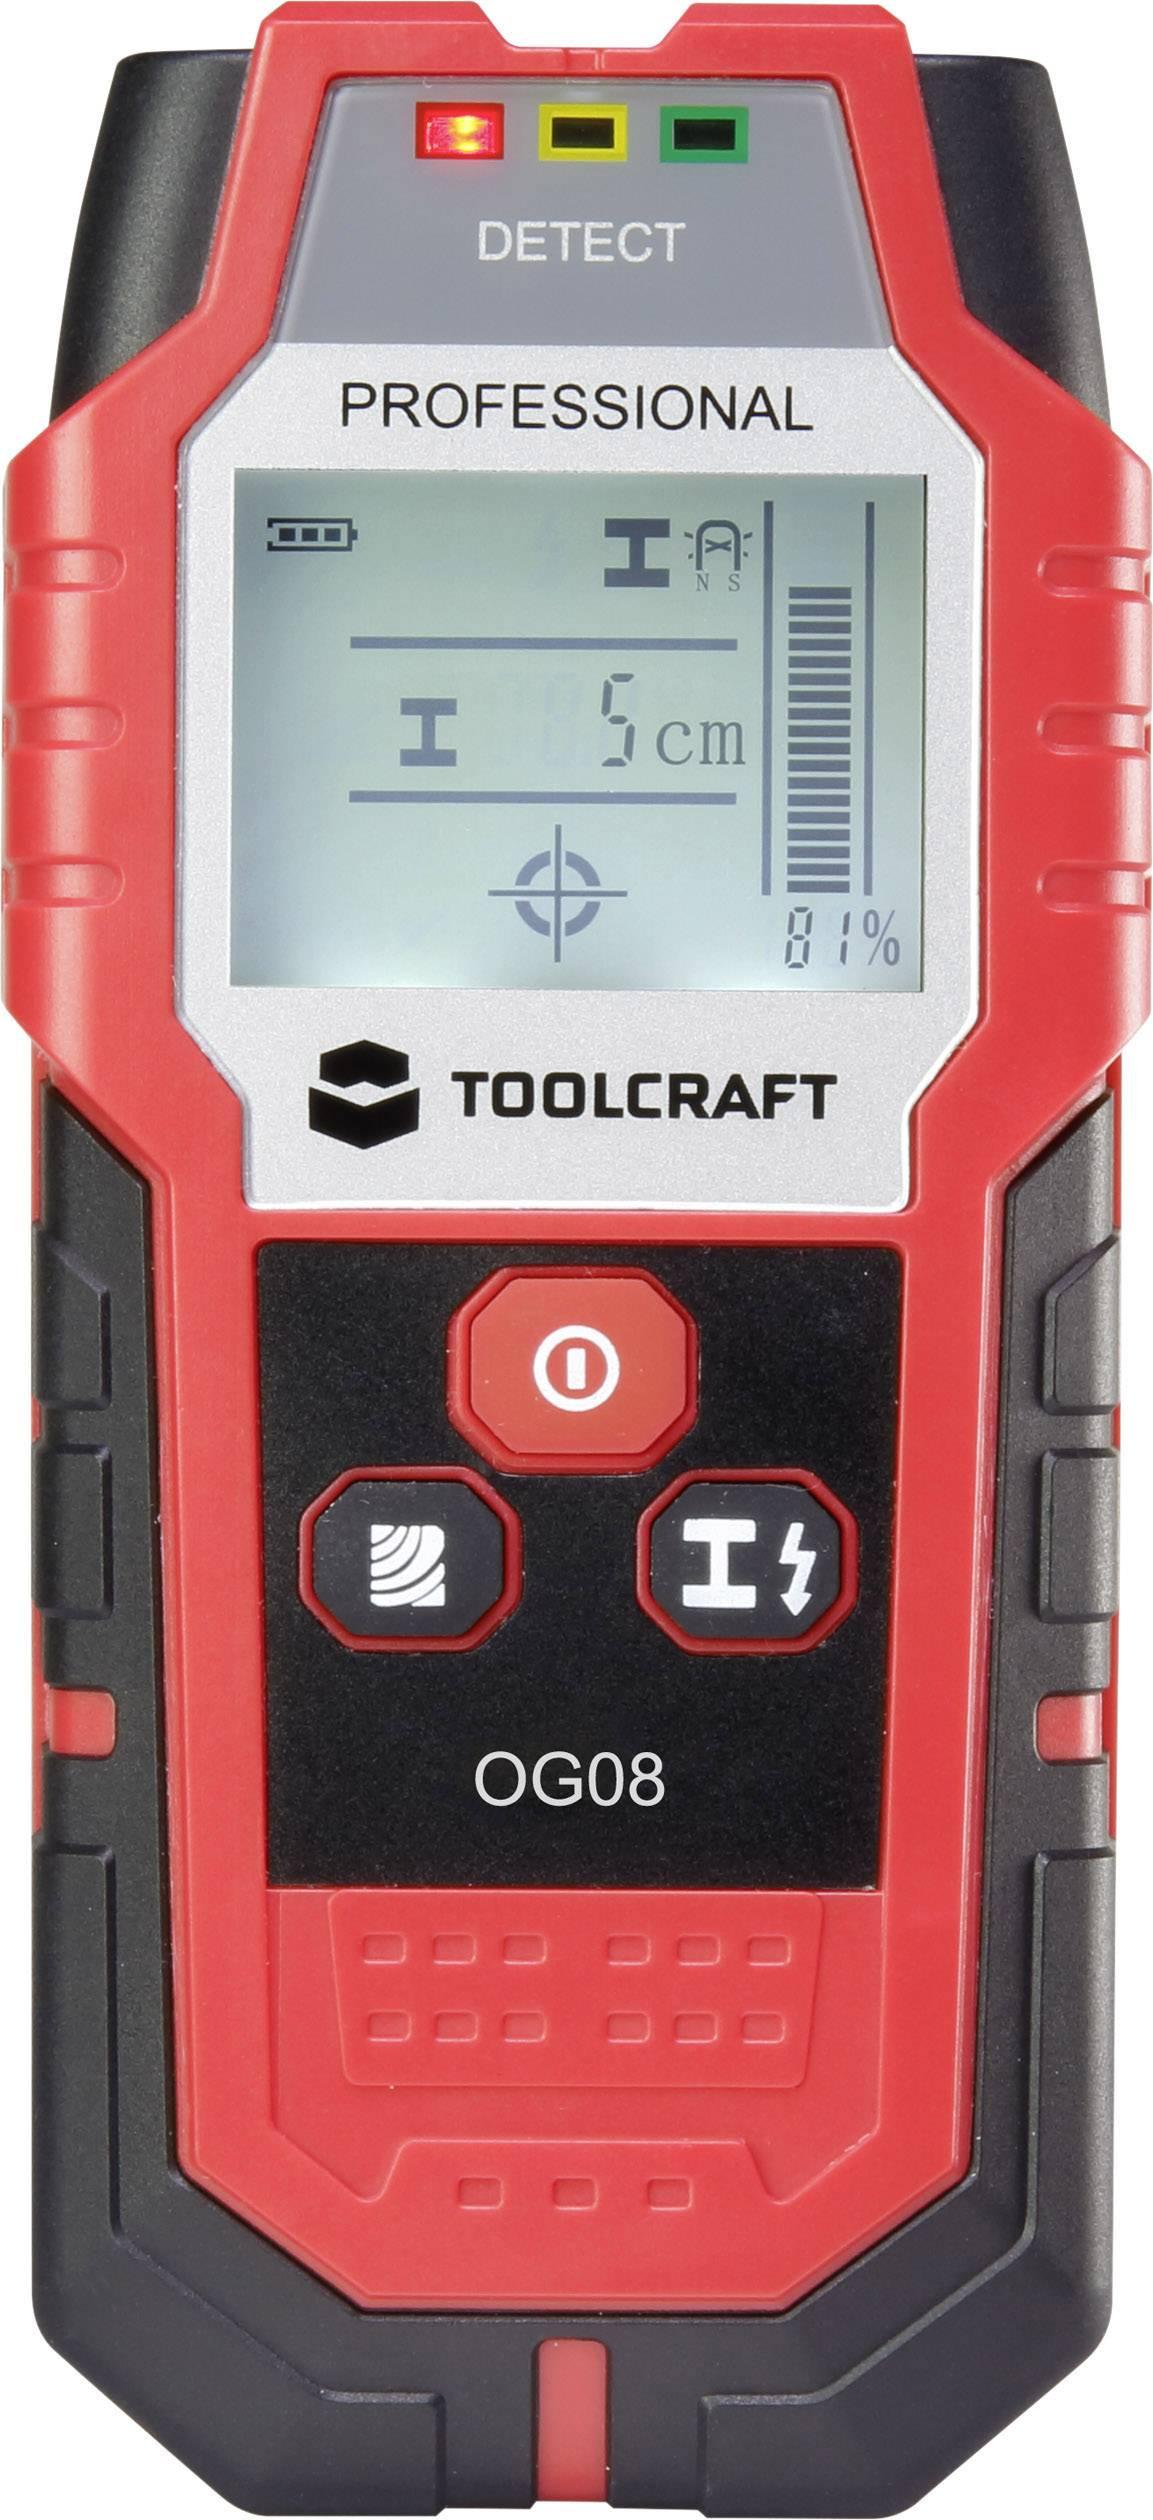 Detektor neželezných kovov, železných kovov, dreva TOOLCRAFT OG 08 ATT.NUM.LOCATING_DEPTH_MAX 80 mm